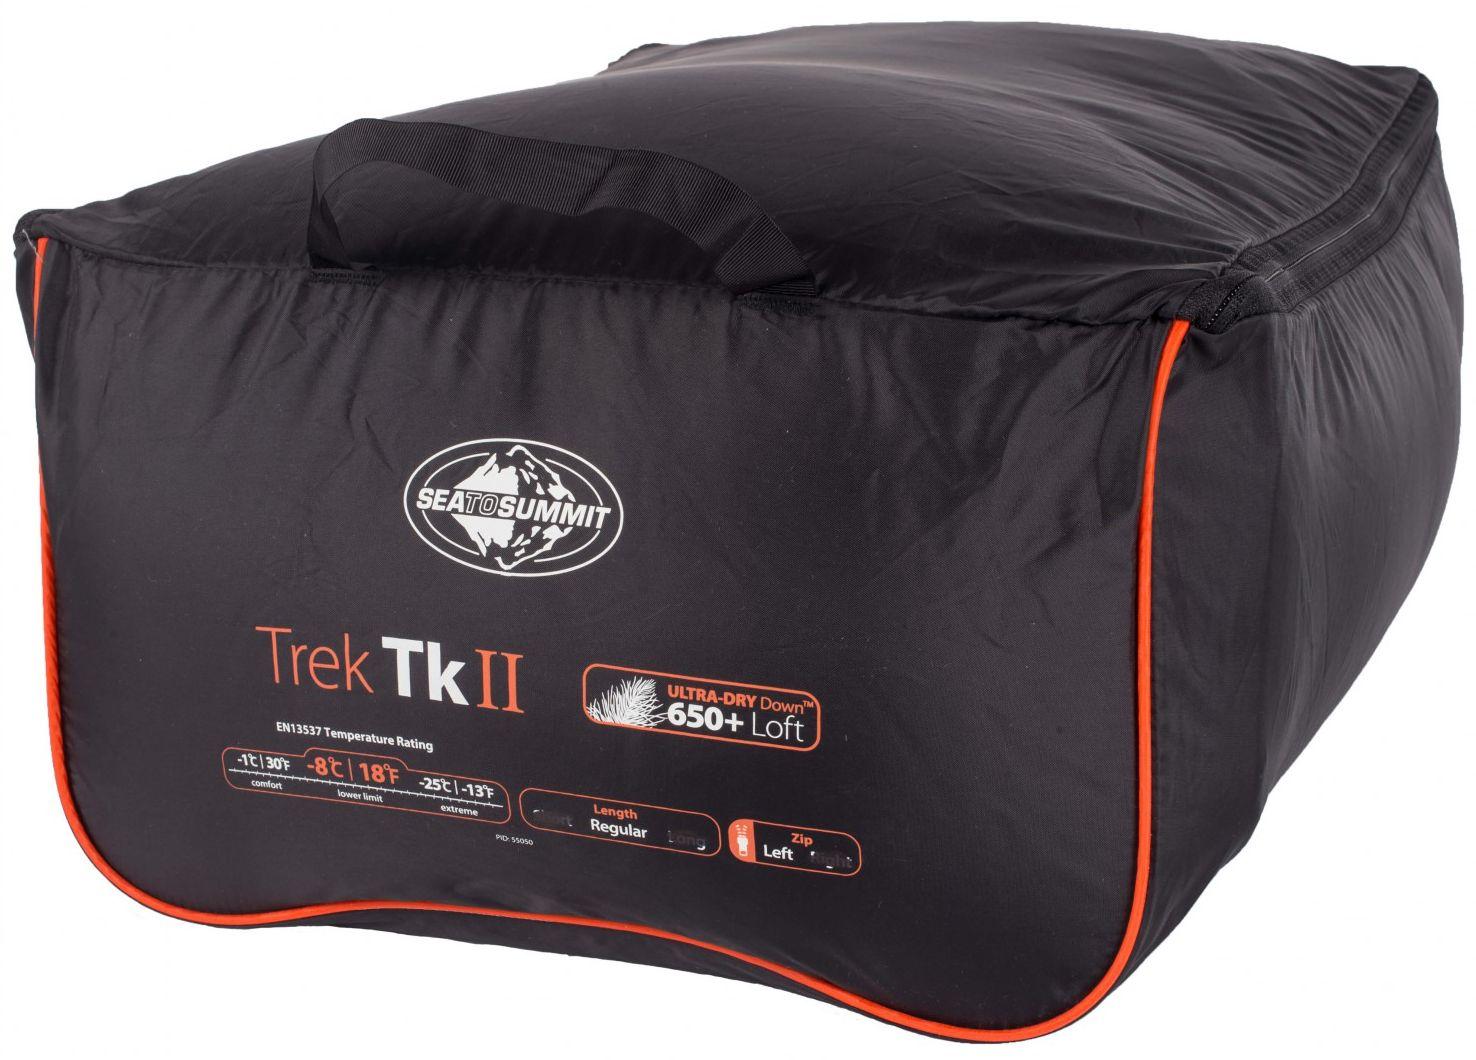 Спальный мешок Sea To Summit Trek Tk II Reg Wide - фото 8